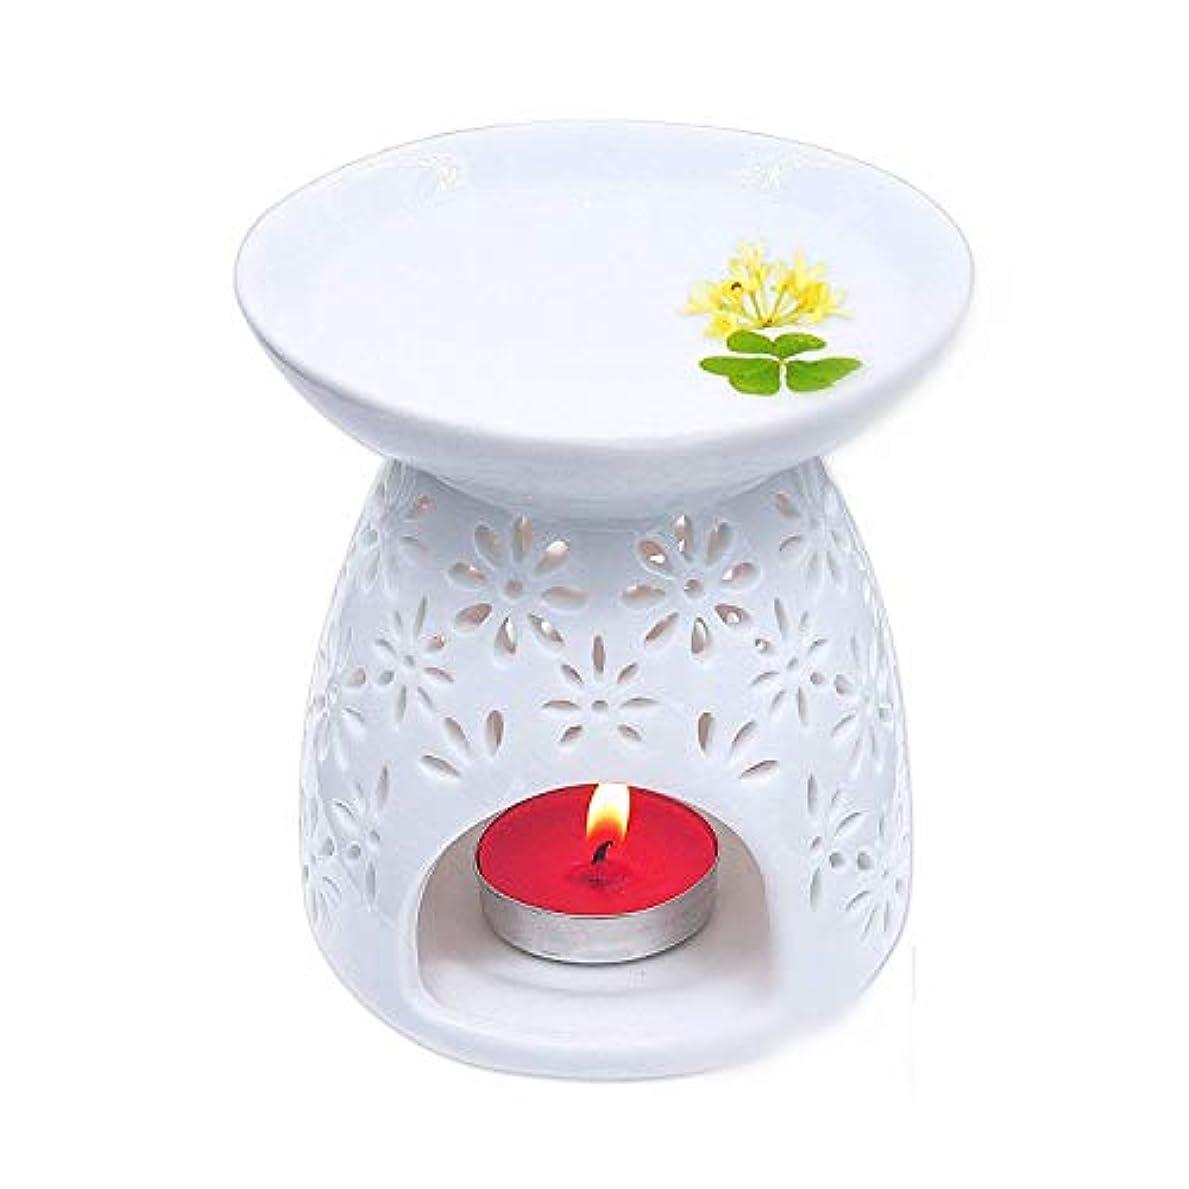 ではごきげんよう収容するうそつきPursue 茶香炉 アロマ炉 香炉 陶器 精油 香炉置物 薫香 インテリア アロマディフューザー 中空の彫刻工 消臭と癒し おしゃれ